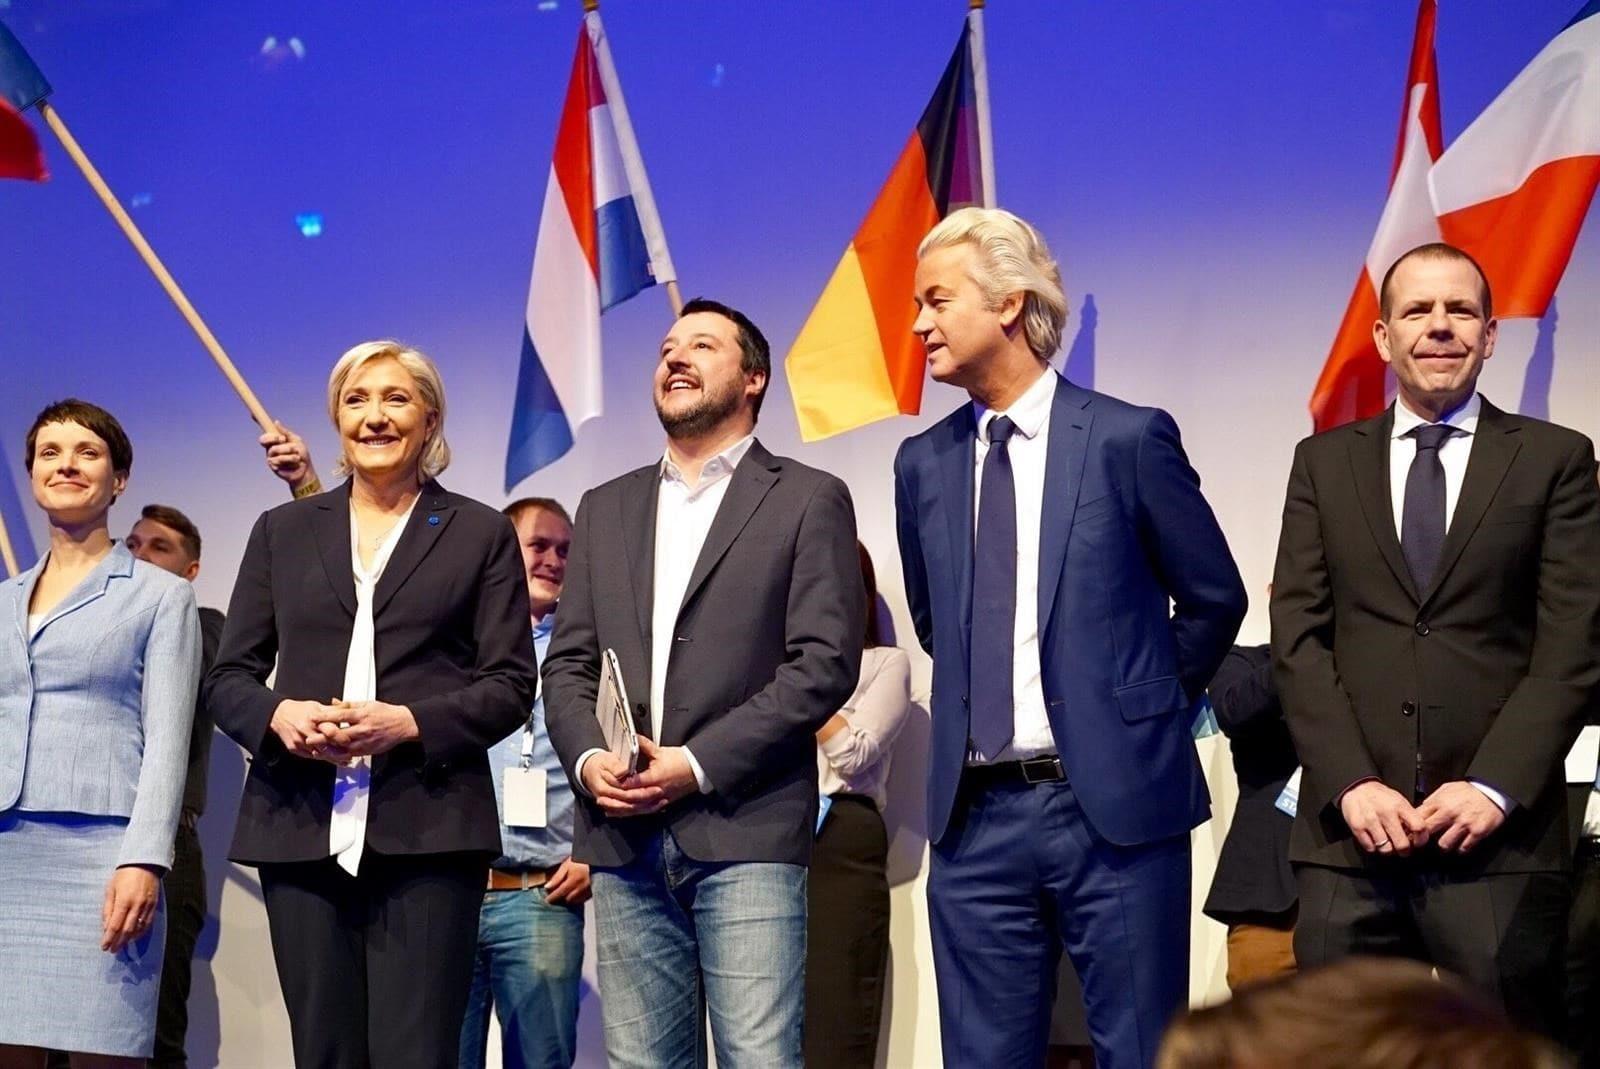 Matteo Salvini (centro) con Marine Le Pen y otros líderes de la ultraderecha europea en Coblenza, Alemania. Foto: Jónatham F. Moriche.